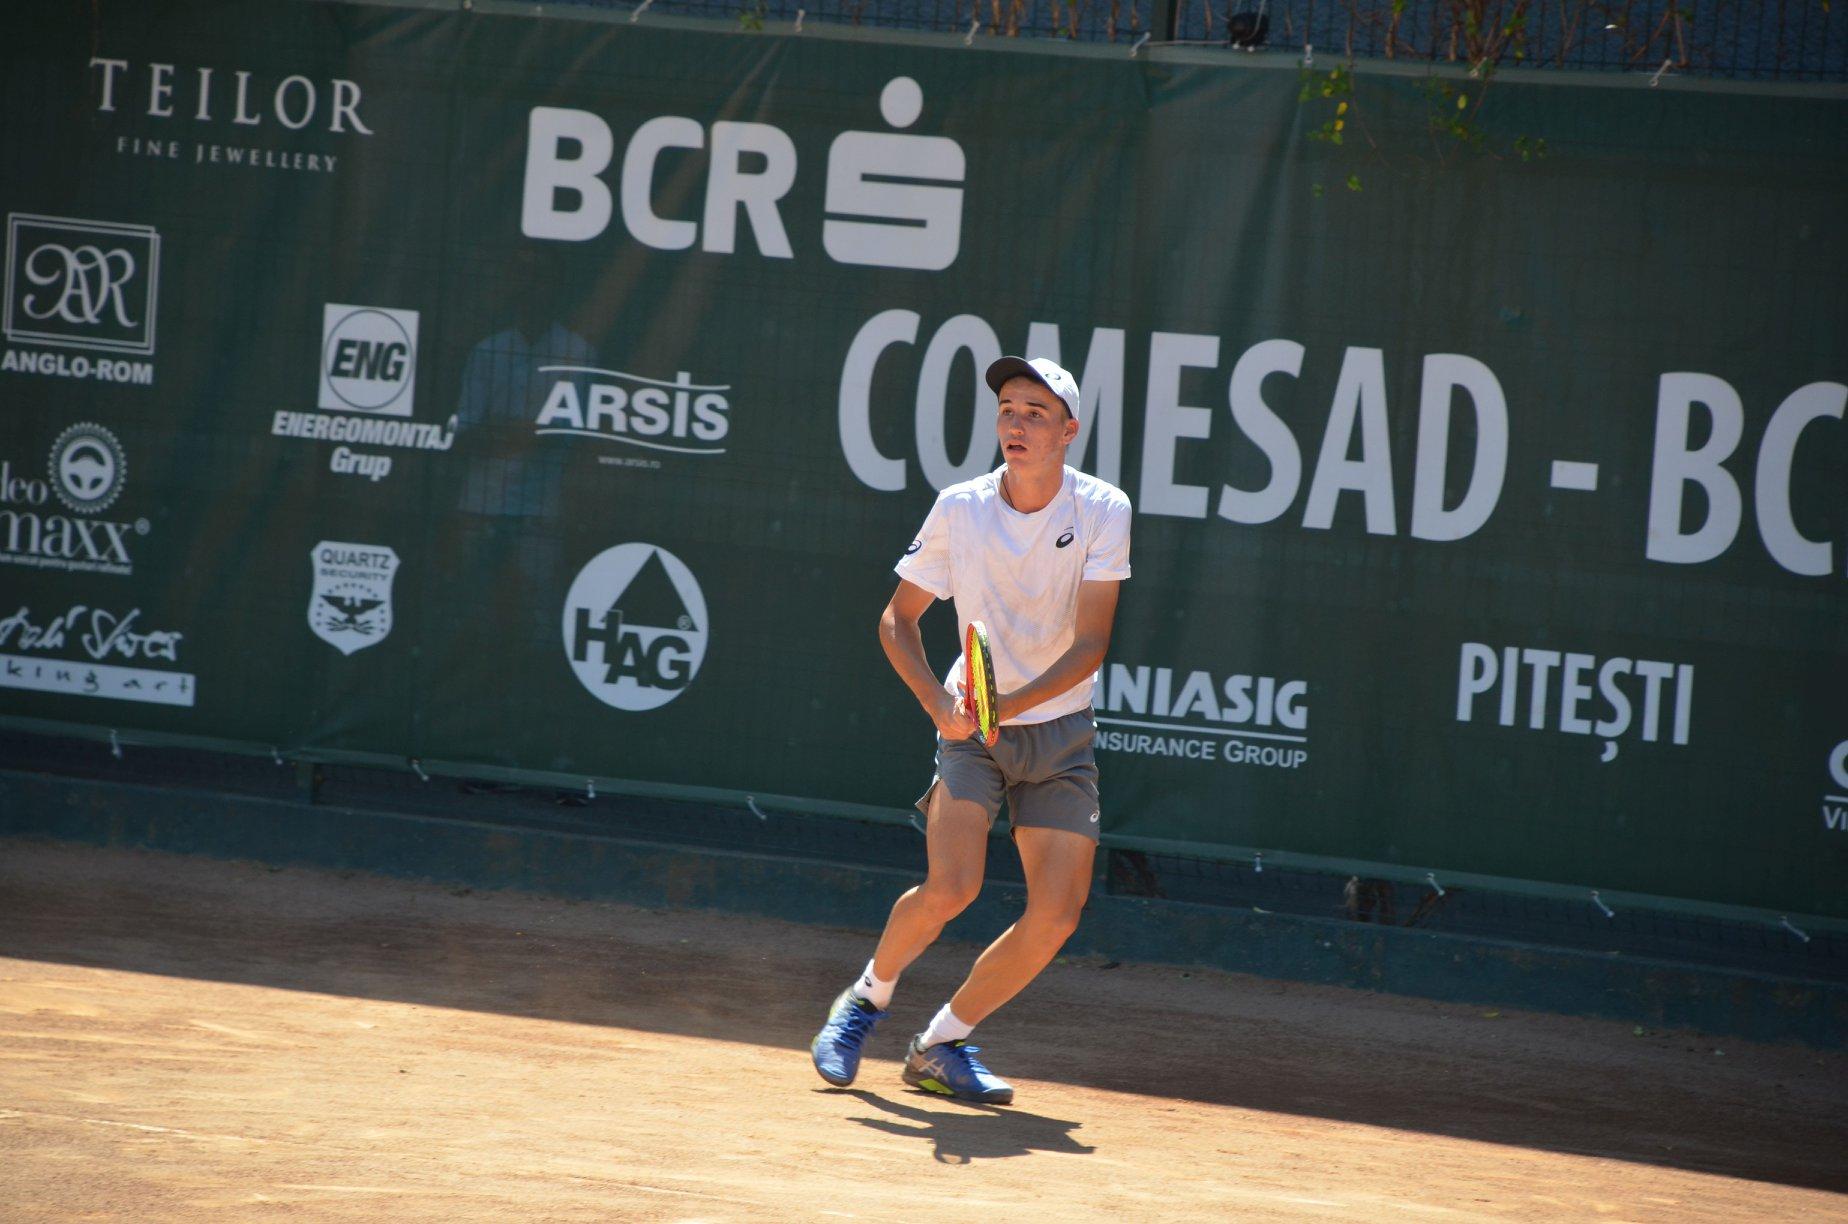 Miercuri debutează meciurile de pe tabloul principal la Comesad BCR Open